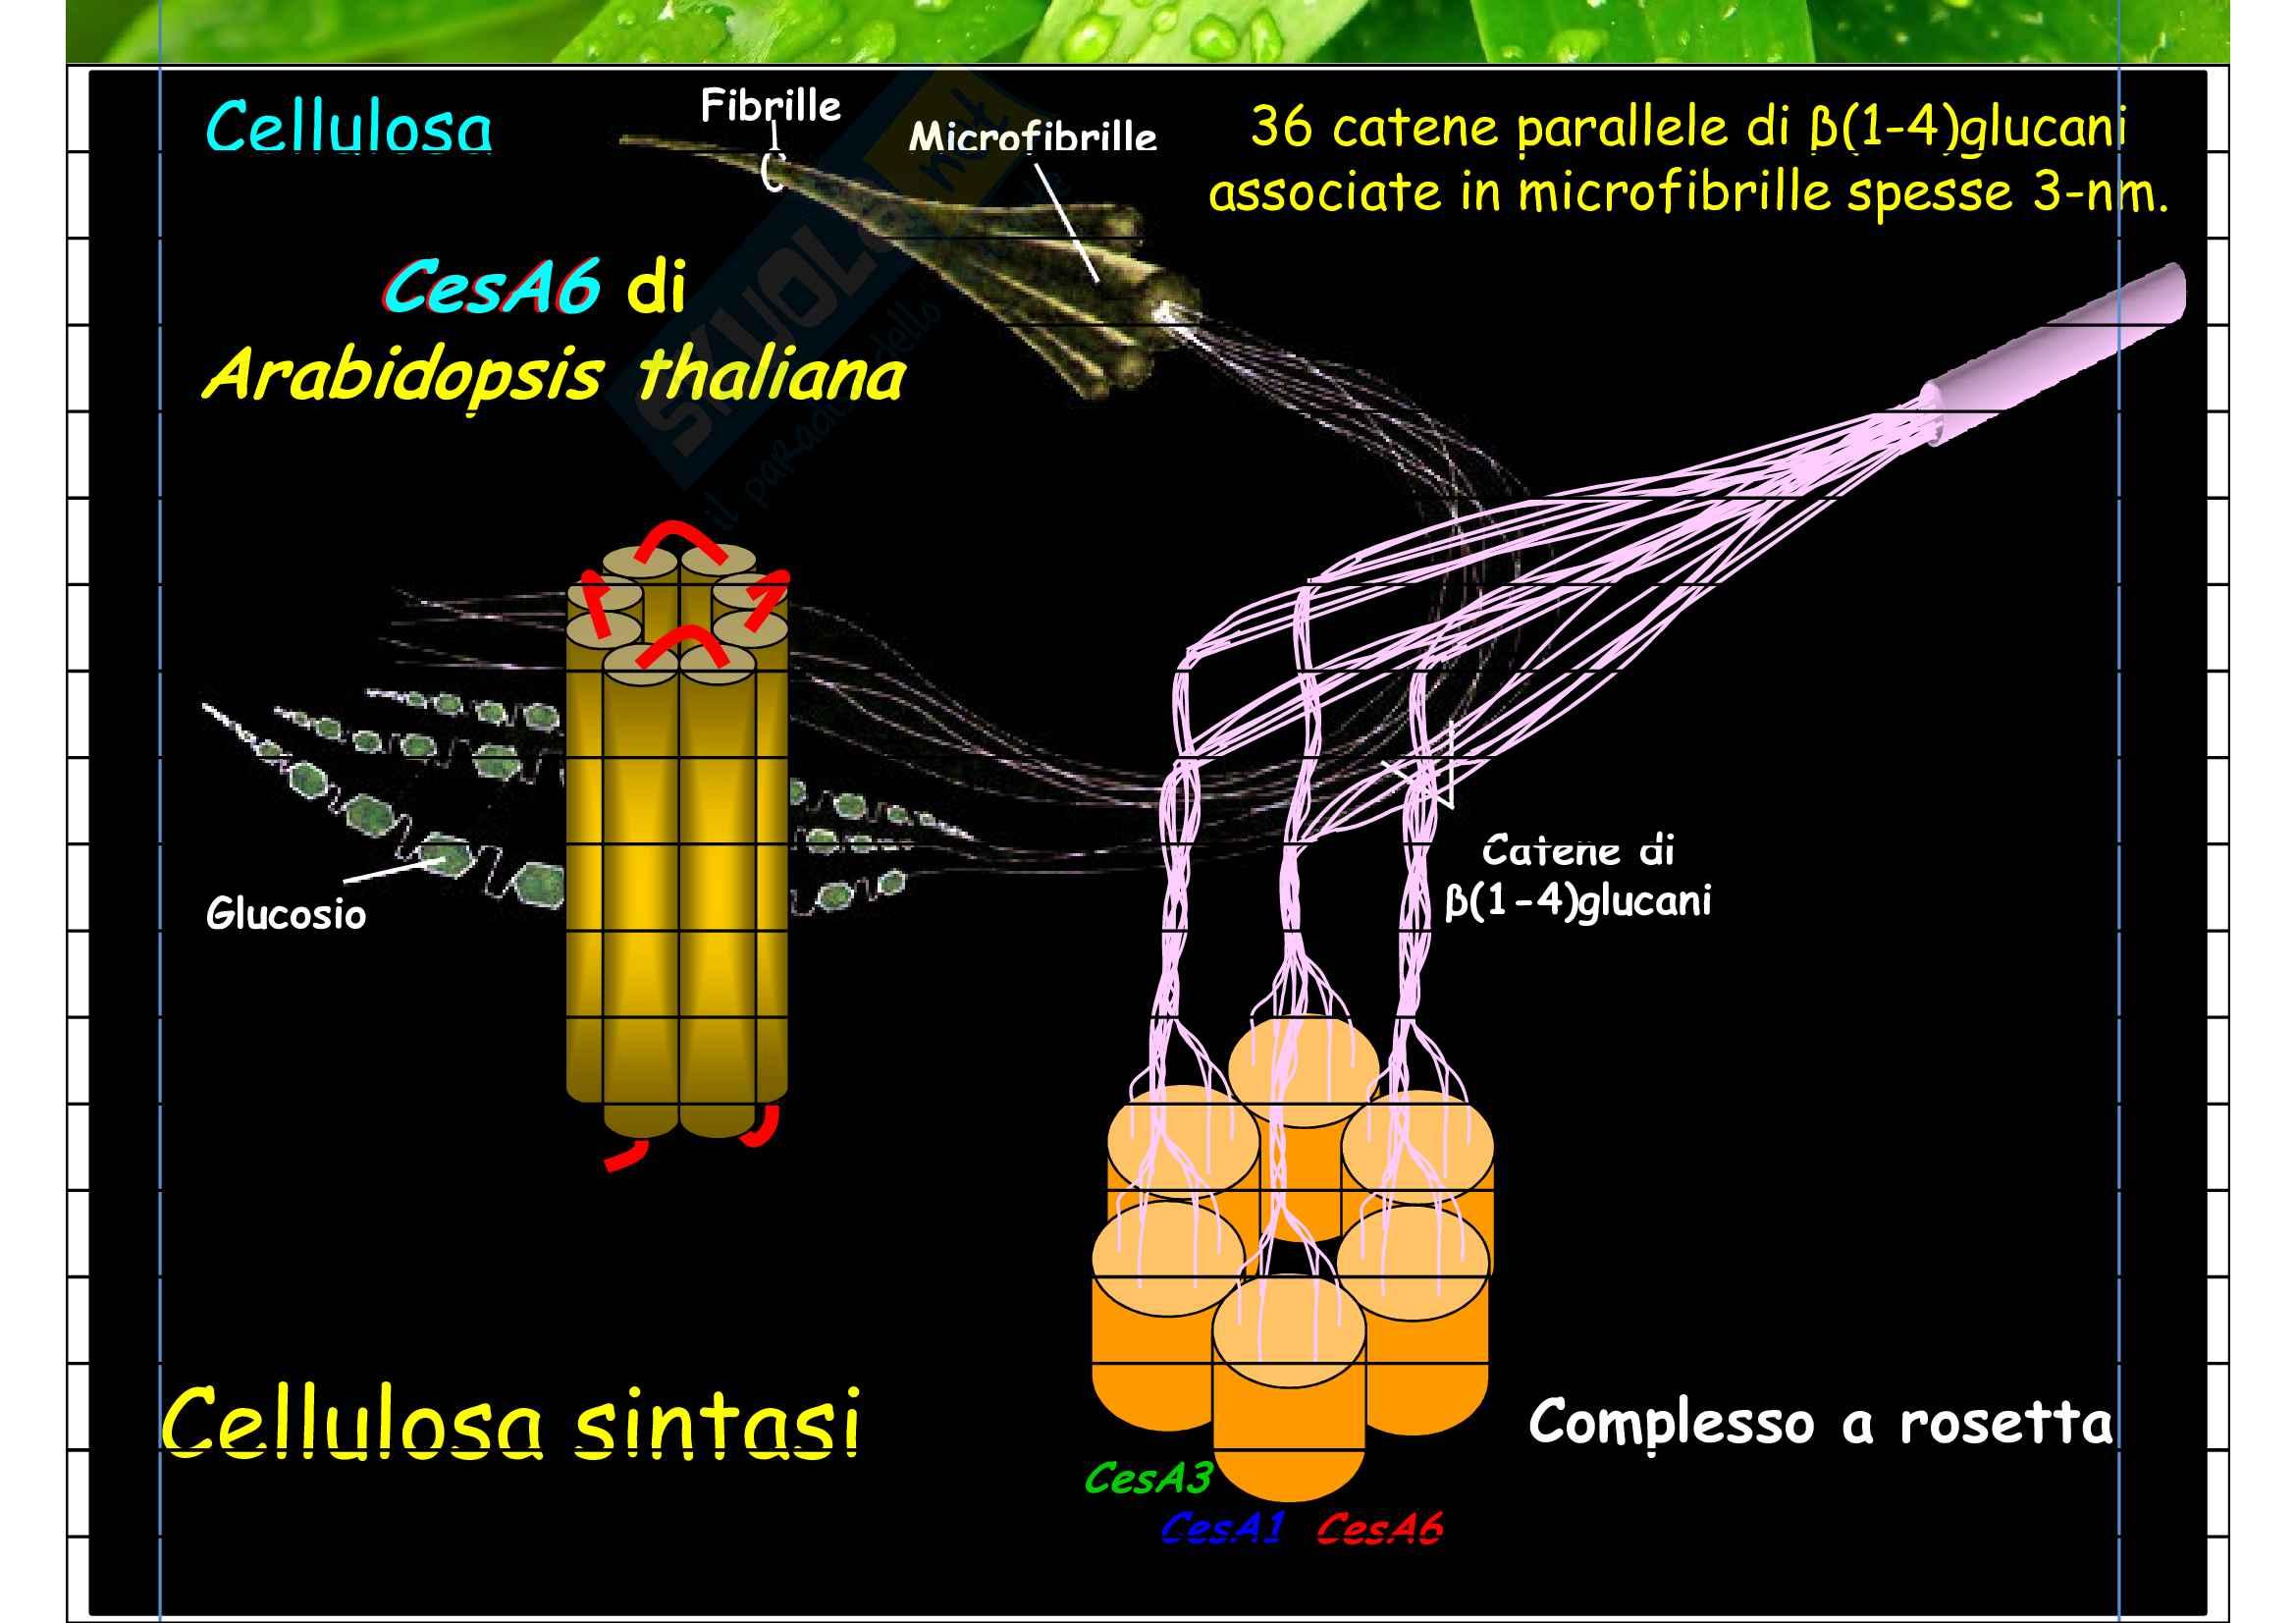 Microfibrille di cellulosa Pag. 6